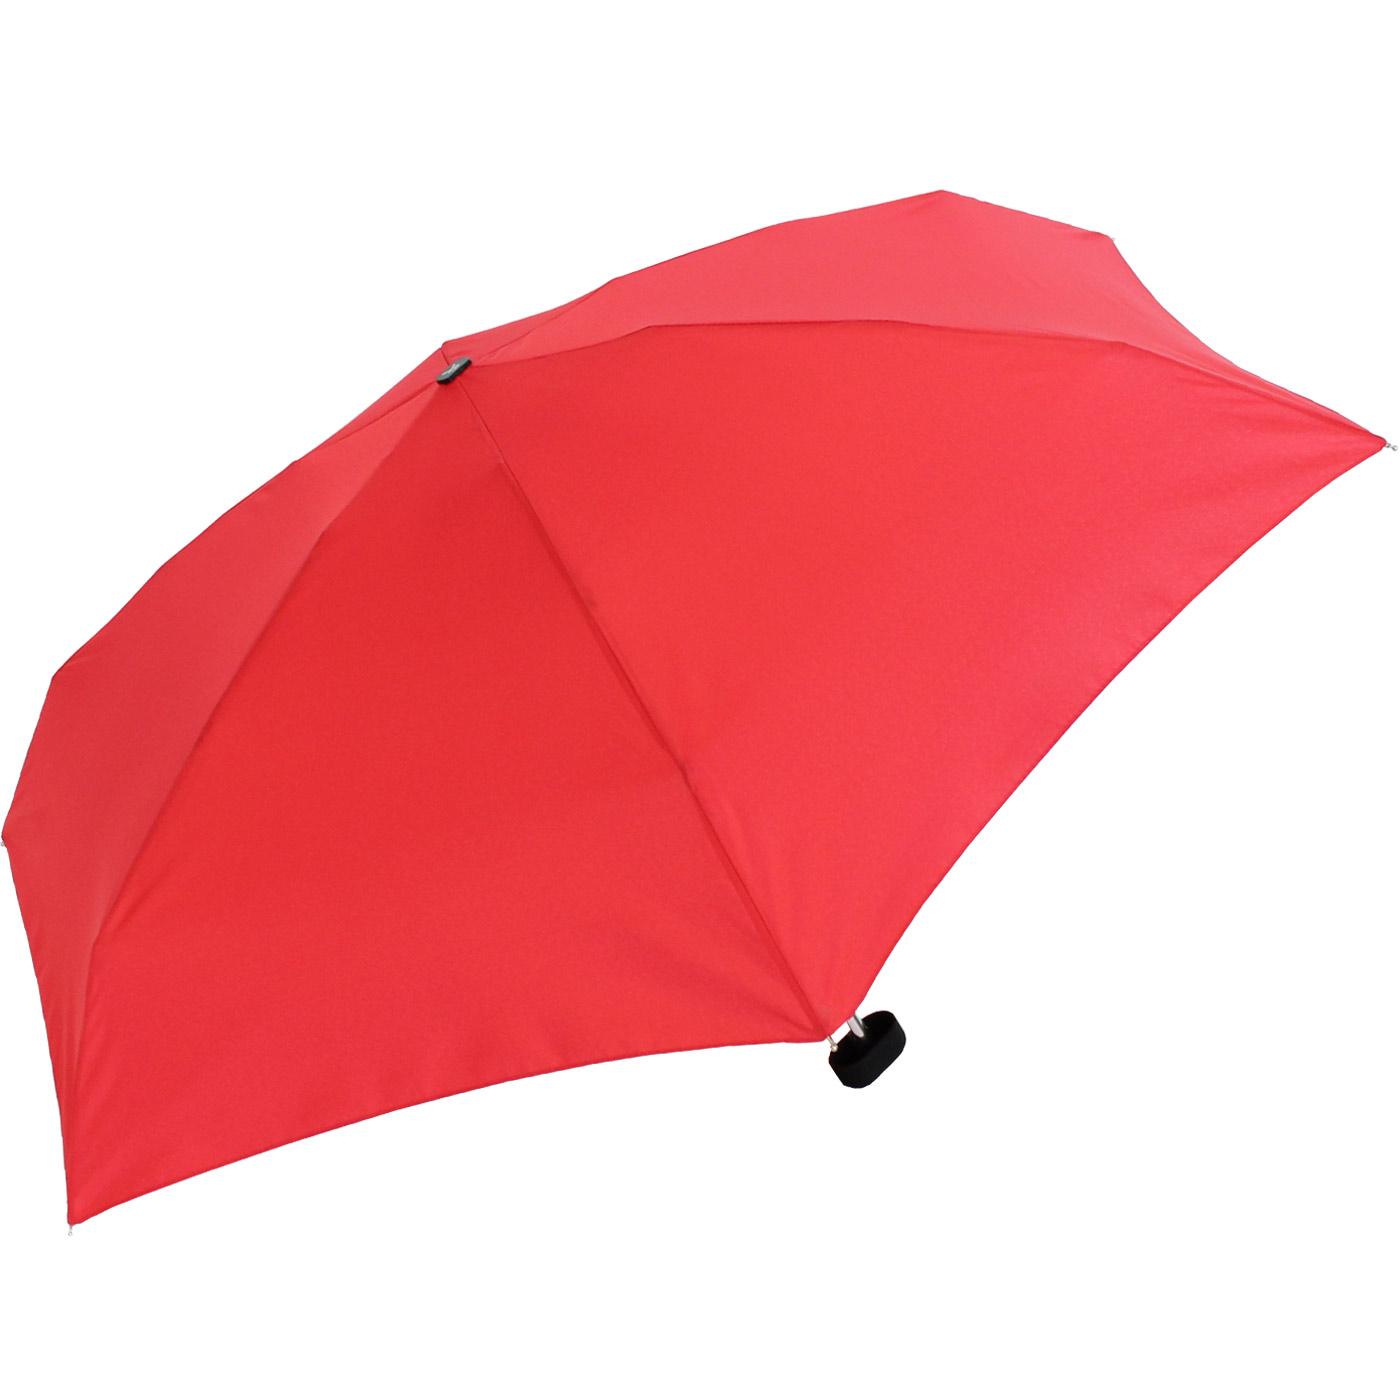 Regenschirm-Super-Mini-Taschenschirm-Damen-Herren-winzig-klein-leicht-im-Etui Indexbild 25